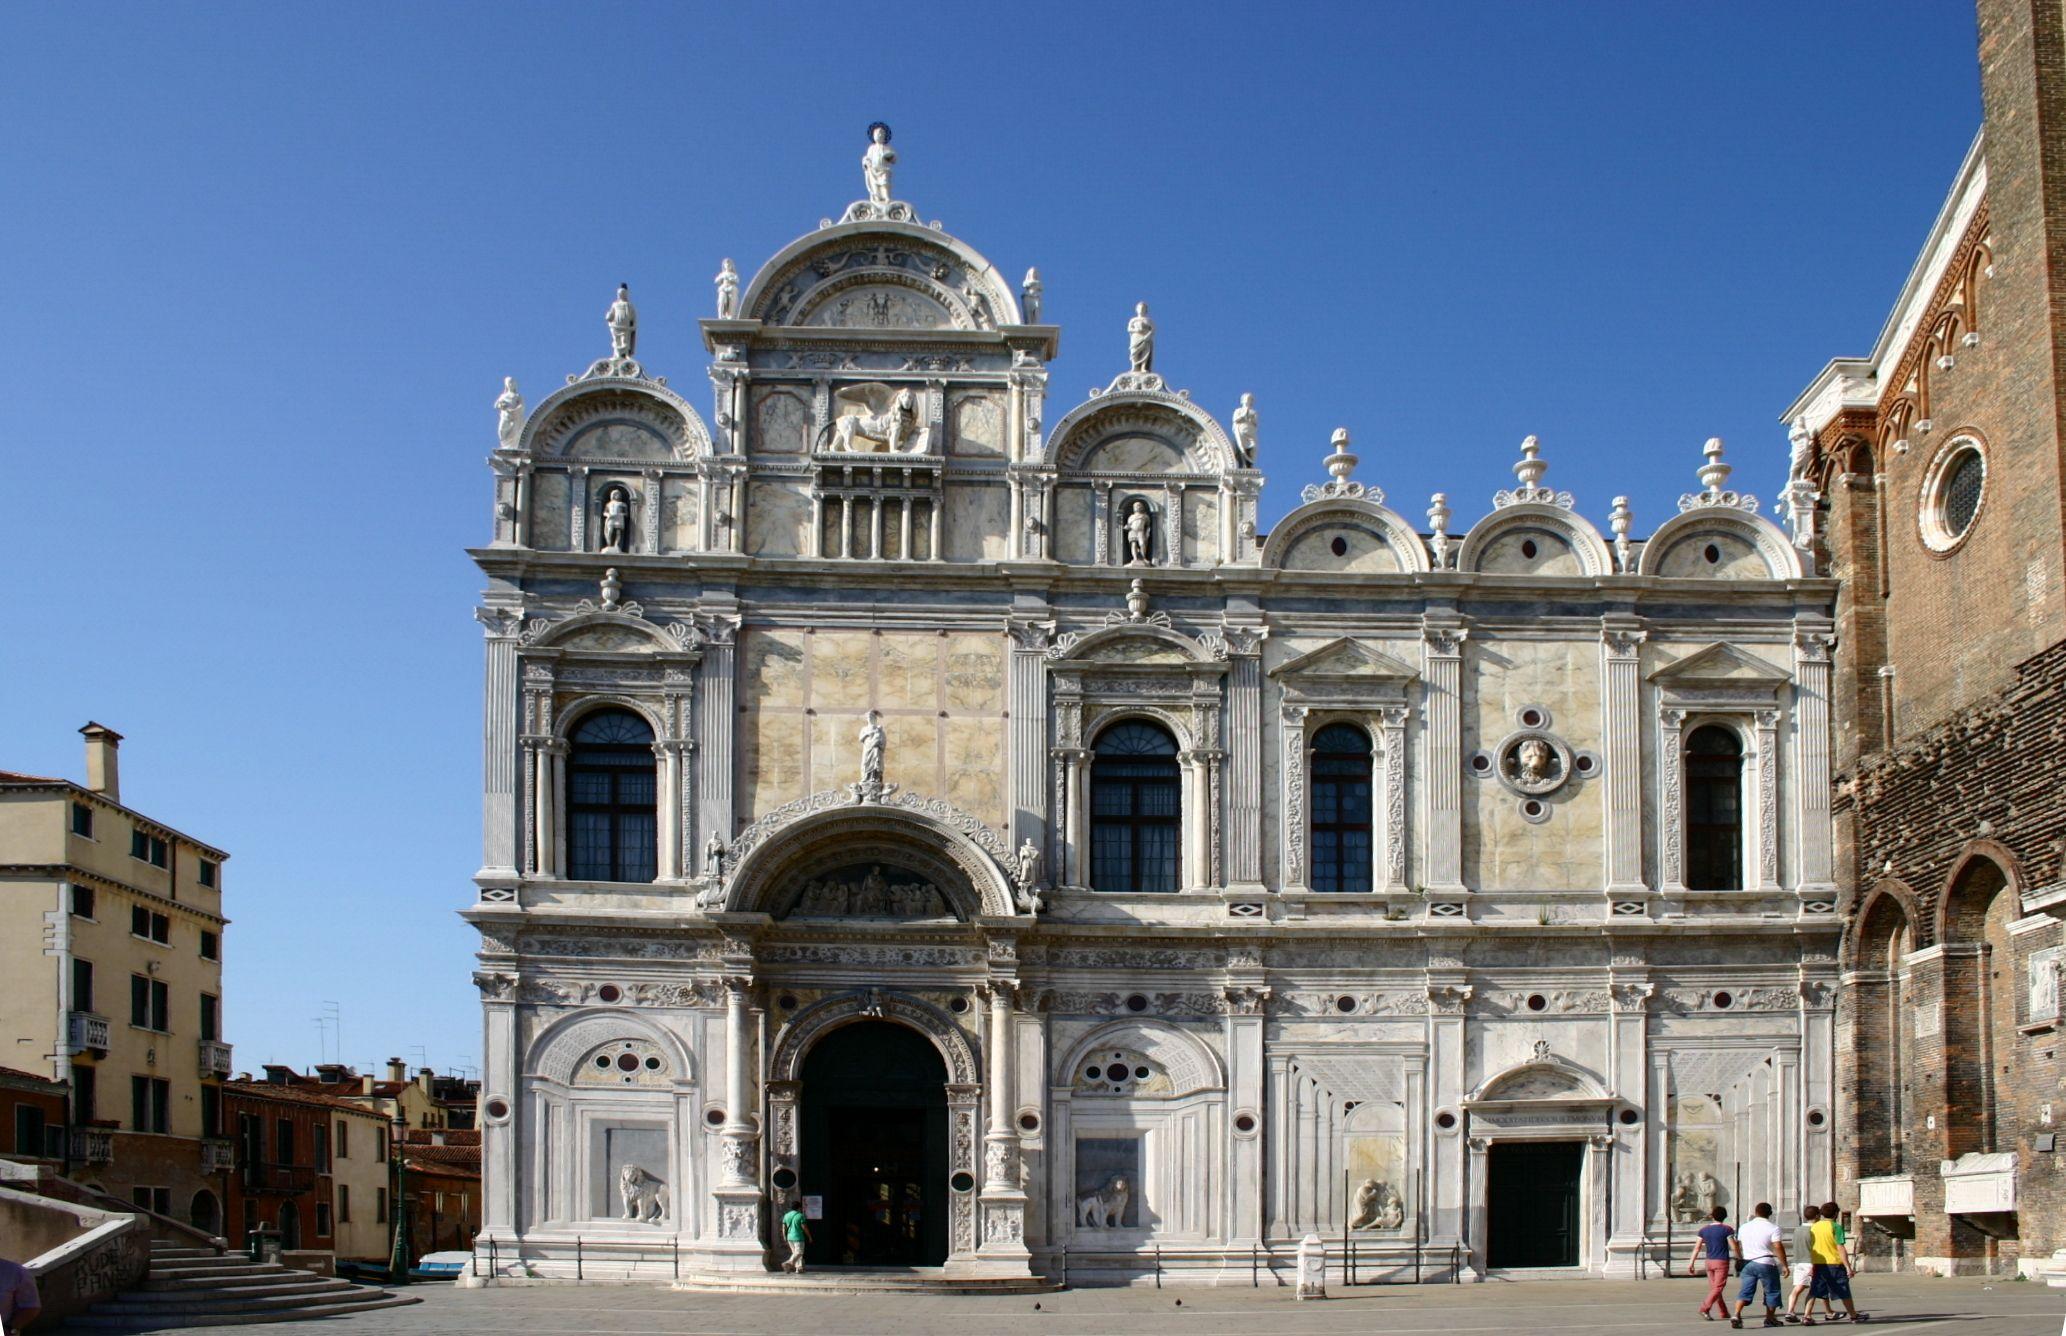 Scuola grande di san marco venice italian renaissance for Architecture renaissance